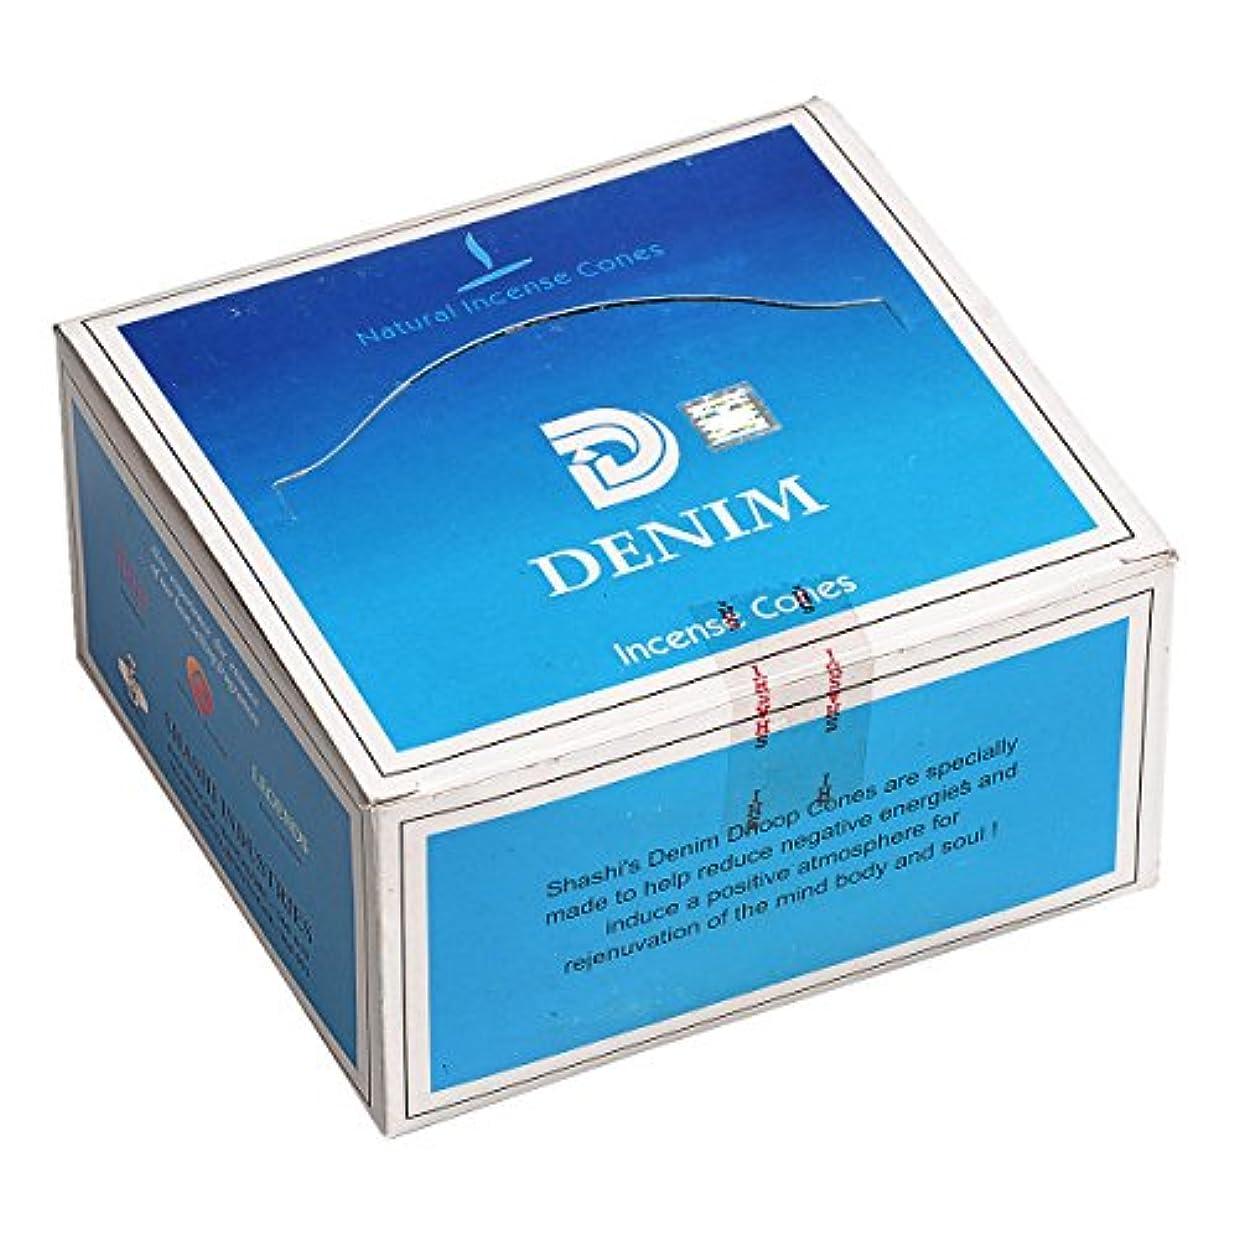 従順な政治的無人SHASHI(シャシ) デニム DENIM コーンタイプ コーンタイプ お香 12箱 セット [並行輸入品]